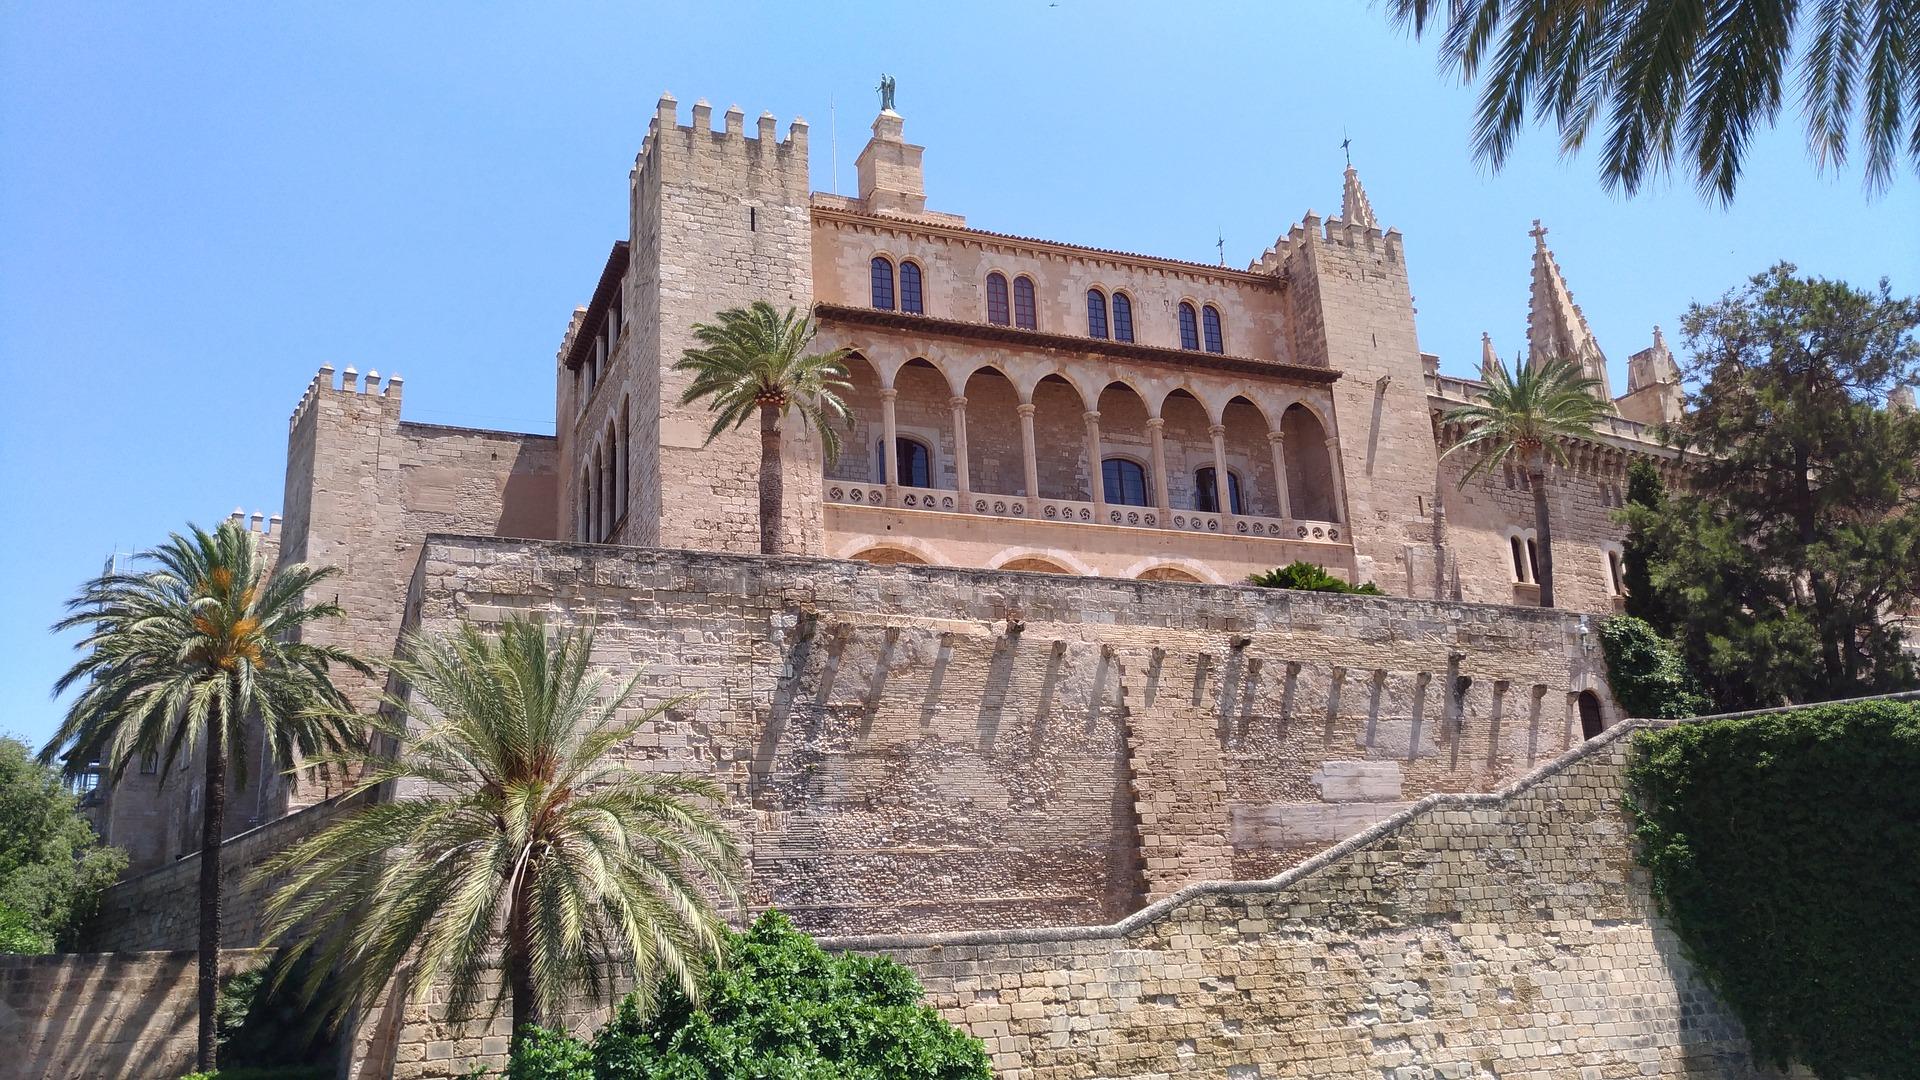 Palma de Mallorca Sehenswürdigkeiten Mallorca Sehenswürdigkeiten Palma Sehenswürdigkeiten